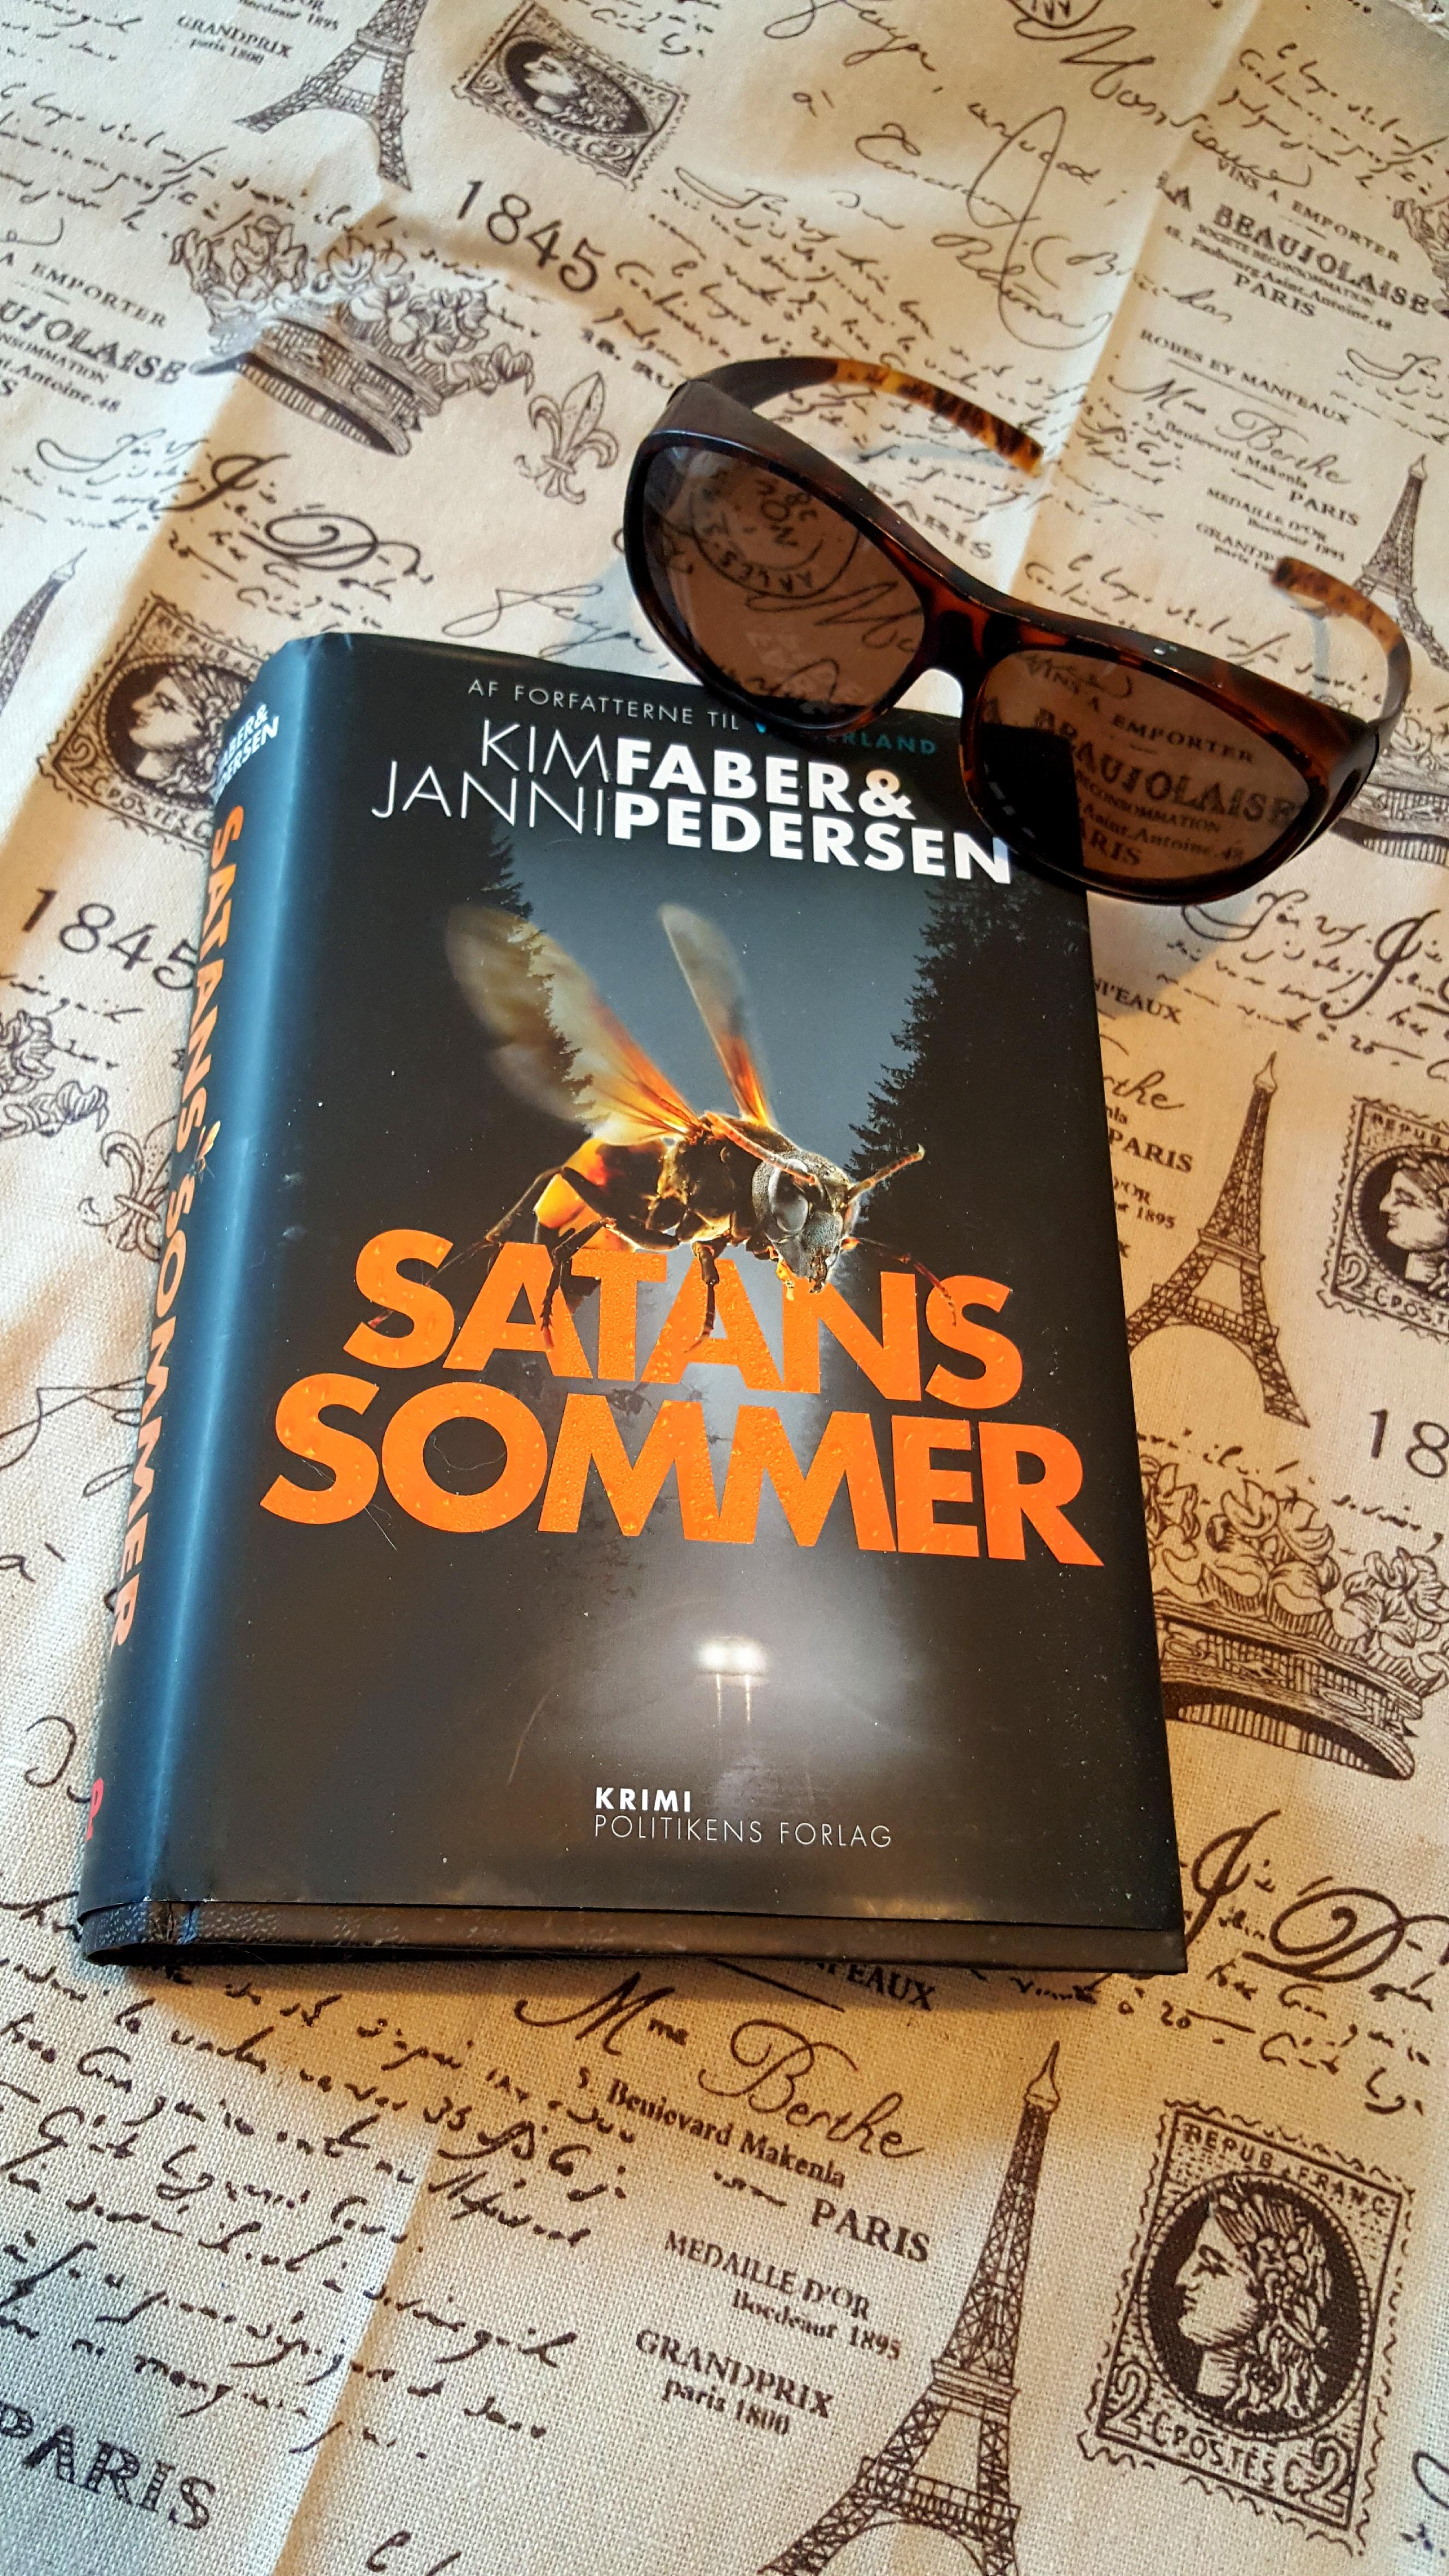 Satans sommer af Kim Faber & Janni Pedersen